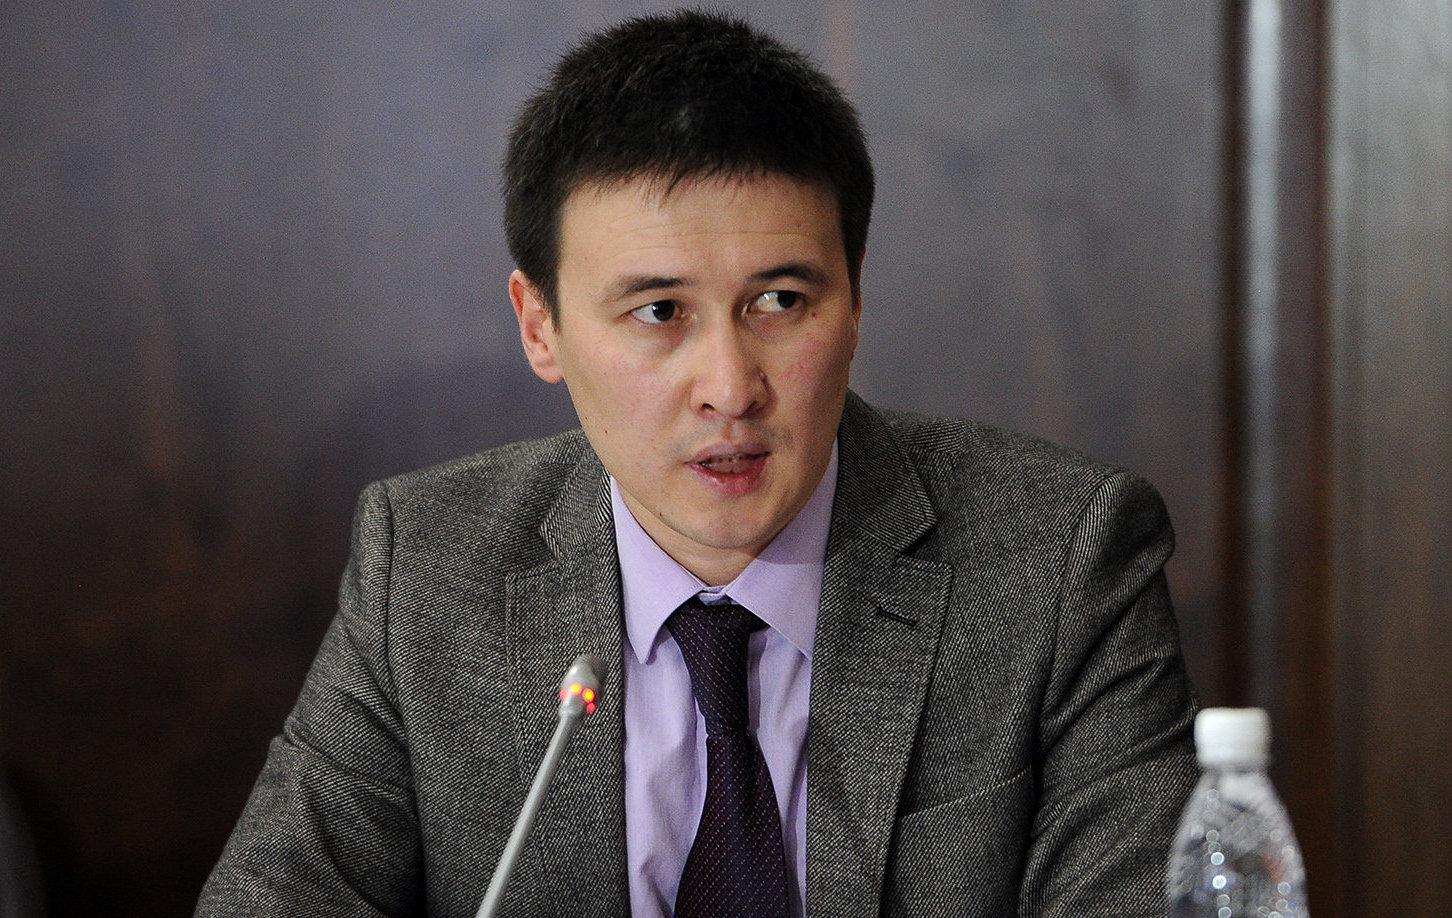 Председатель правления ОАО Национальная энергетическая холдинговая компания Айбек Калиев на совещании по итогам деятельности ОАО Национальная энергетическая холдинговая компания за 9 месяцев 2016 года